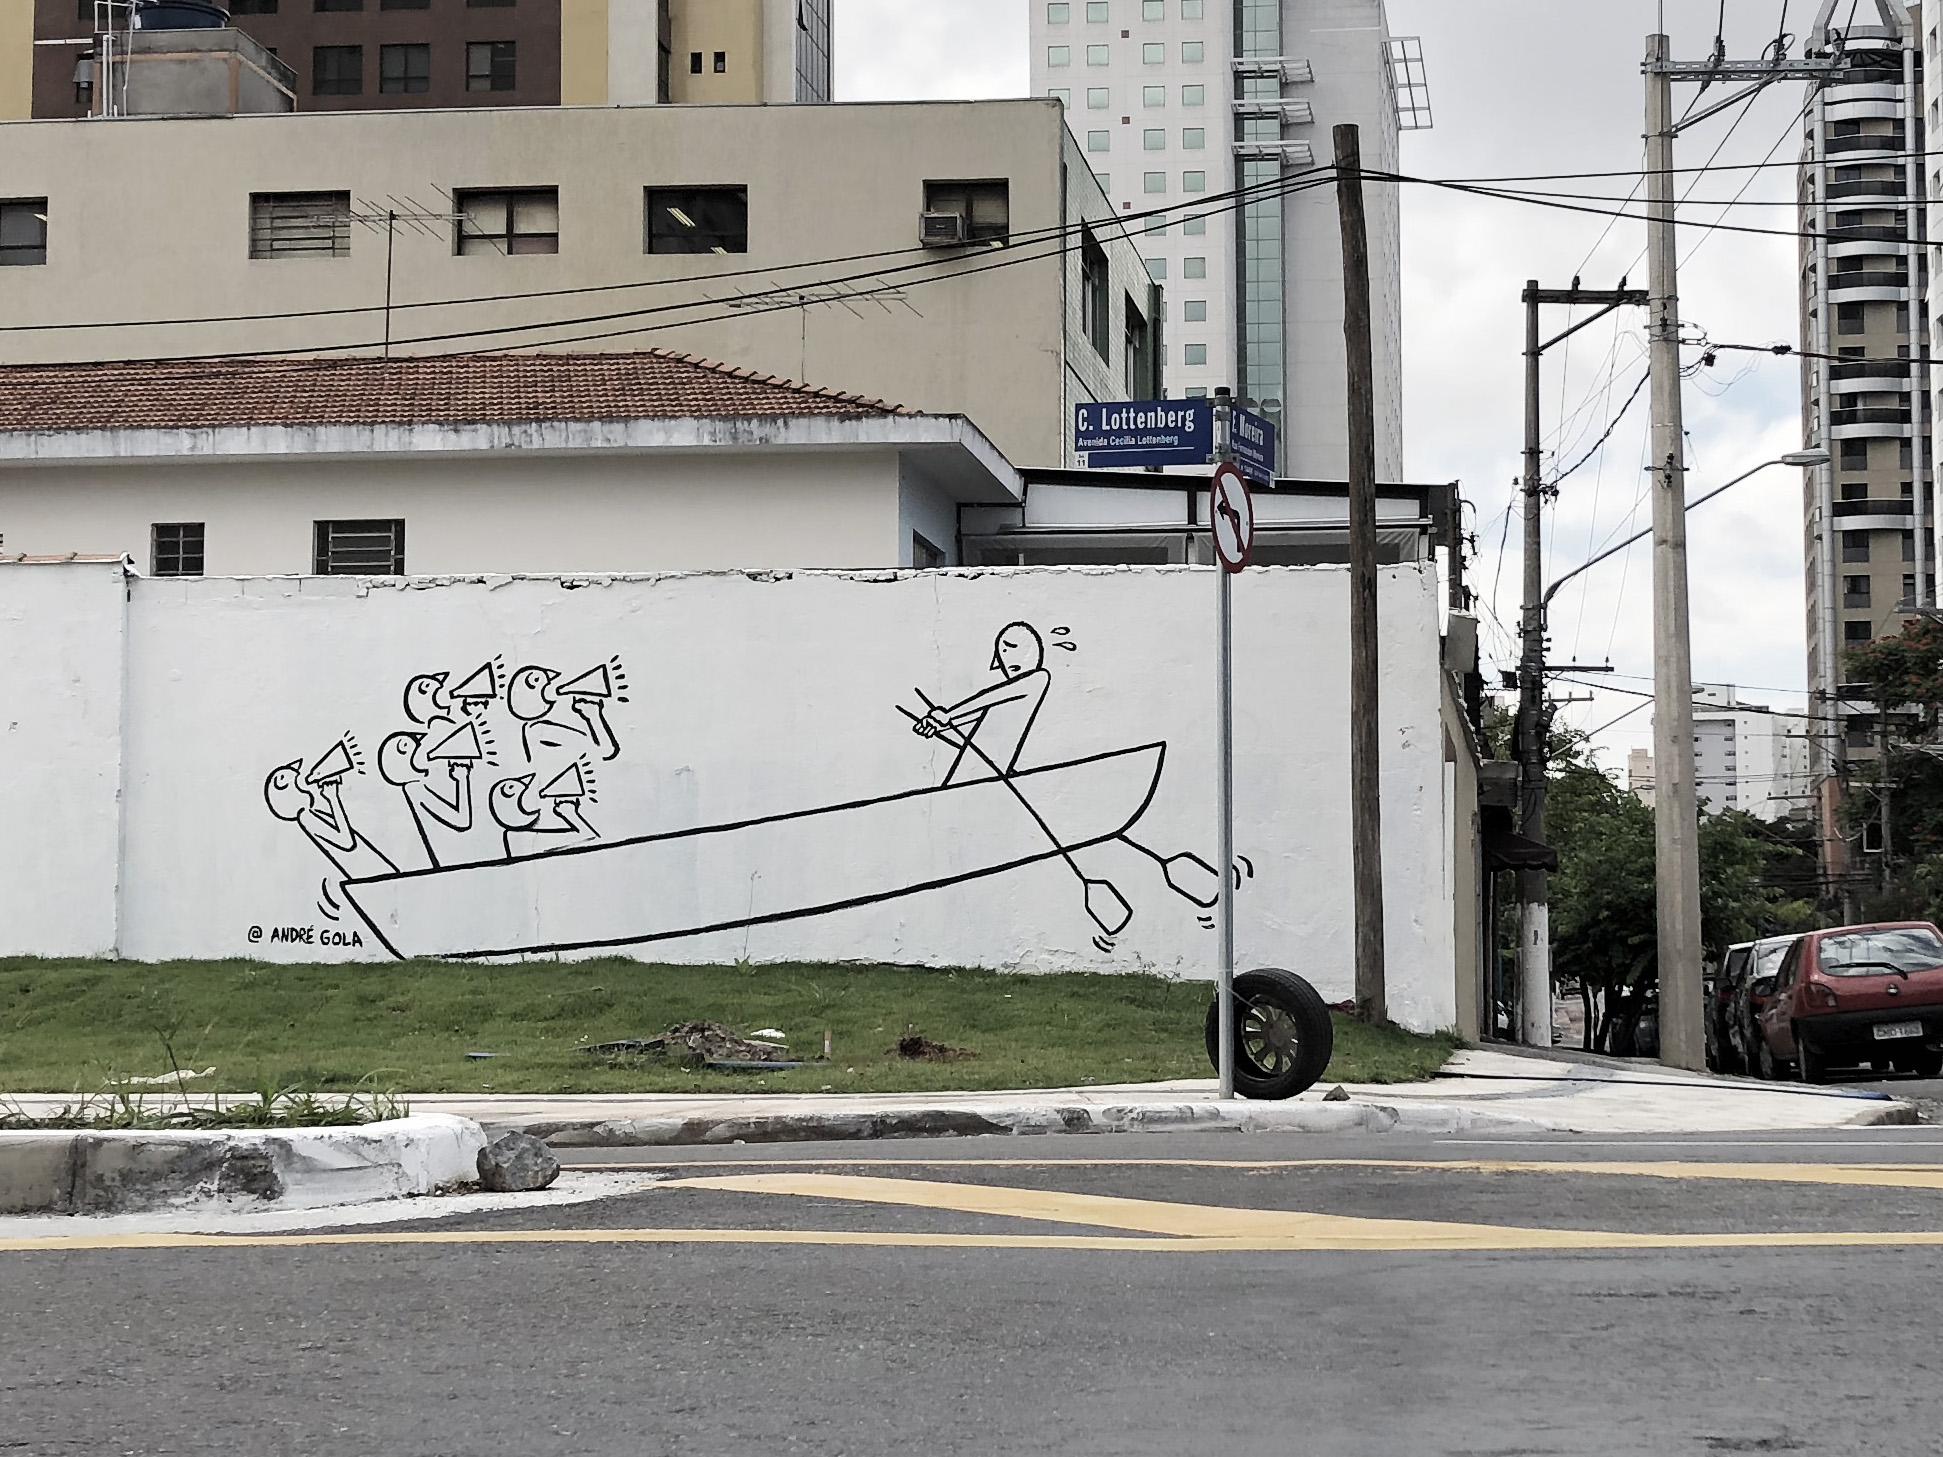 São Paulo, 2018